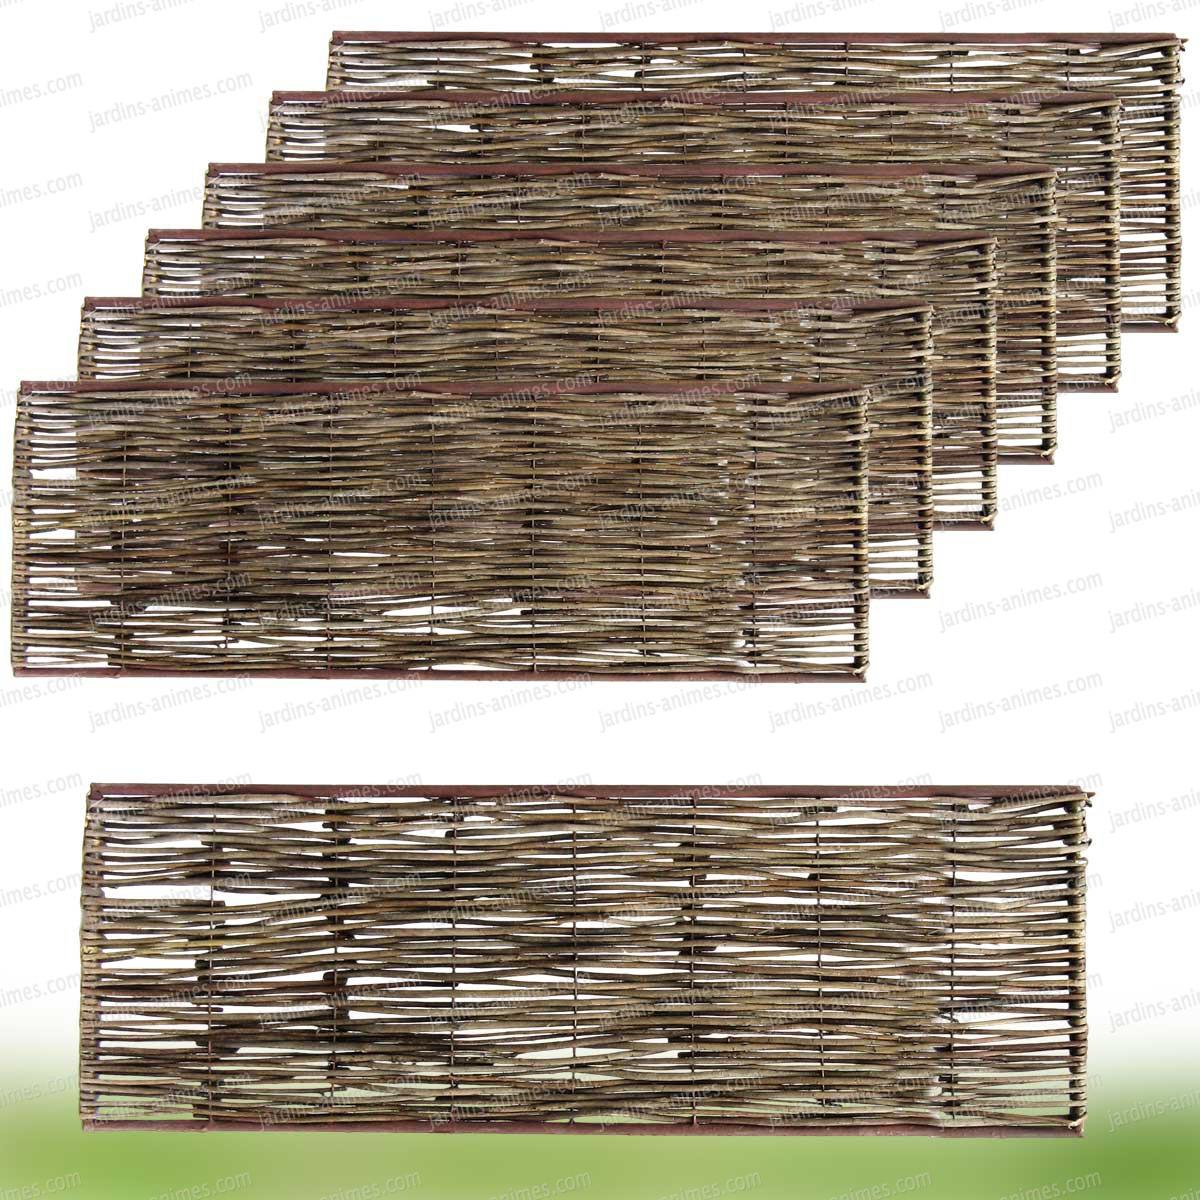 Bordure m di vale acier osier 90x45cm lot de 6 bordure for Decoration osier pour jardin